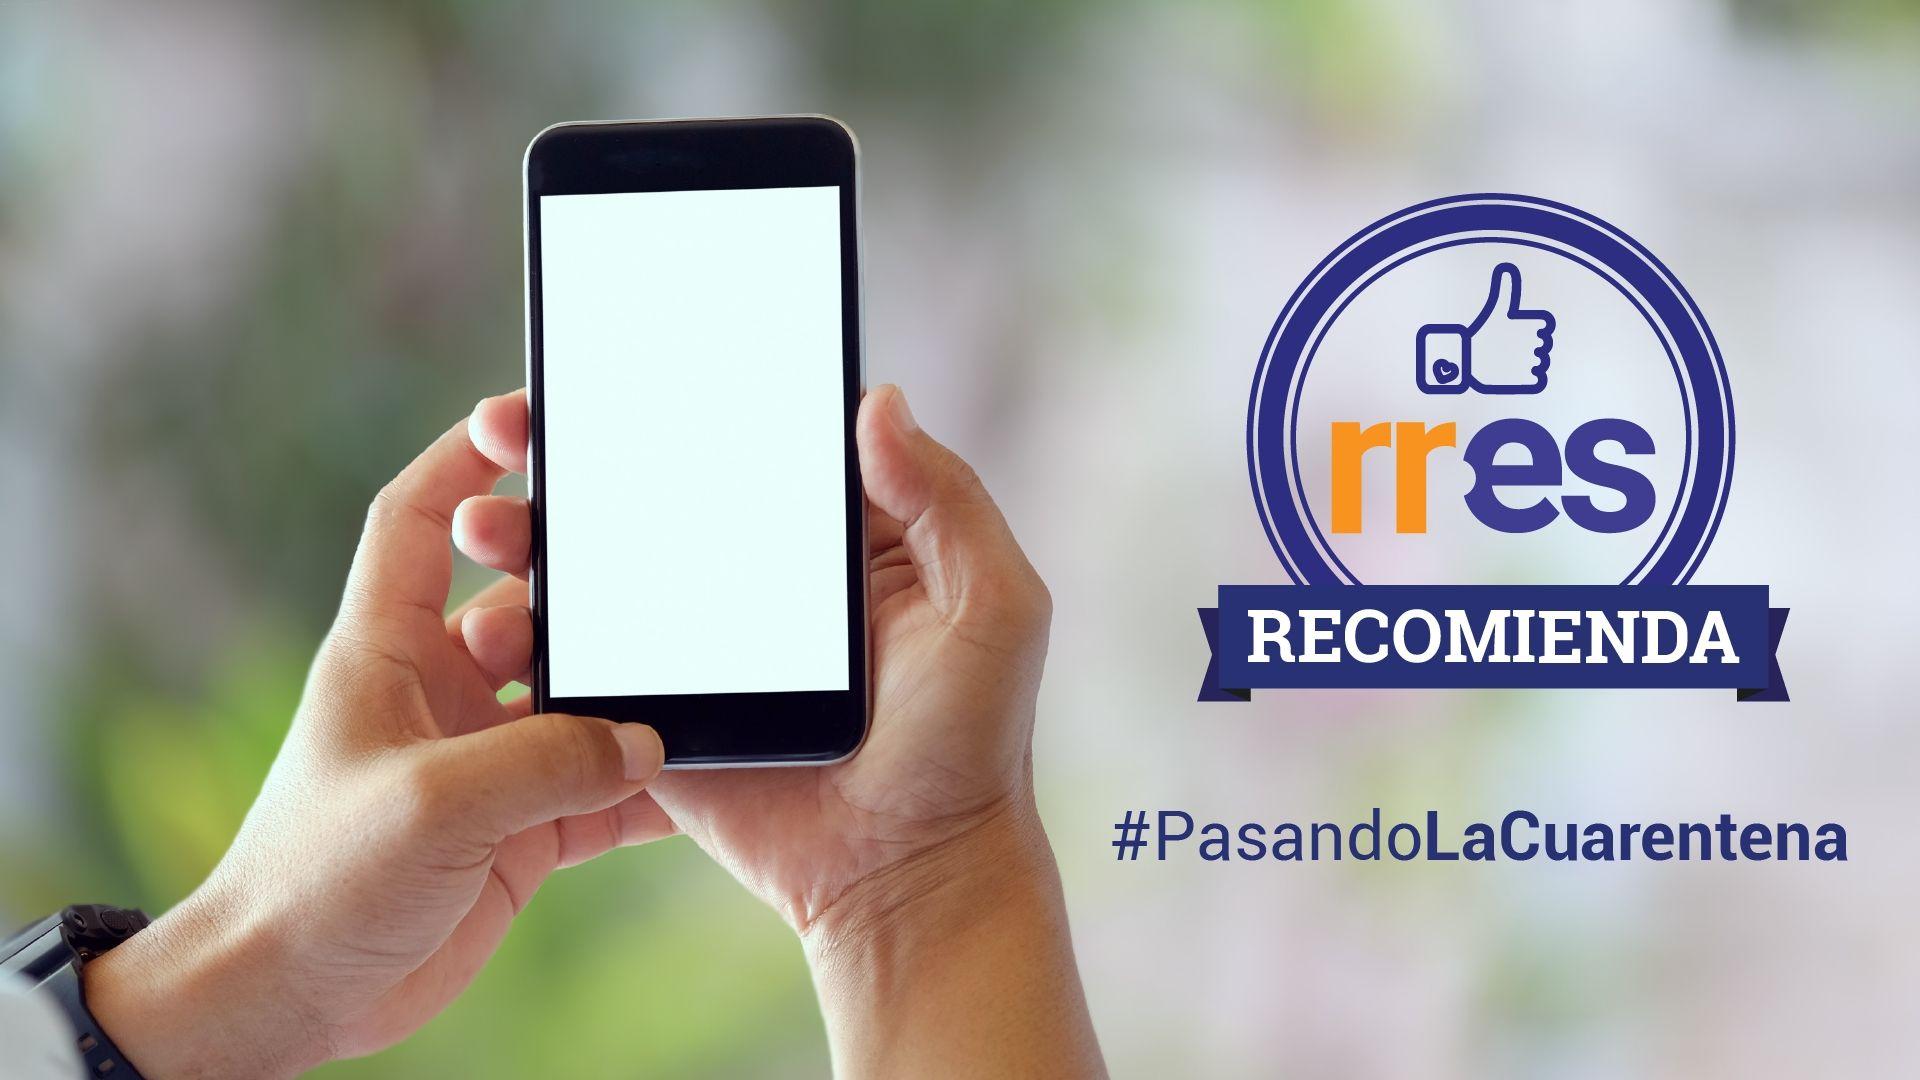 #PasandoLaCuarentena | Clases de cuatro online y en vivo para aprender en casa #7May